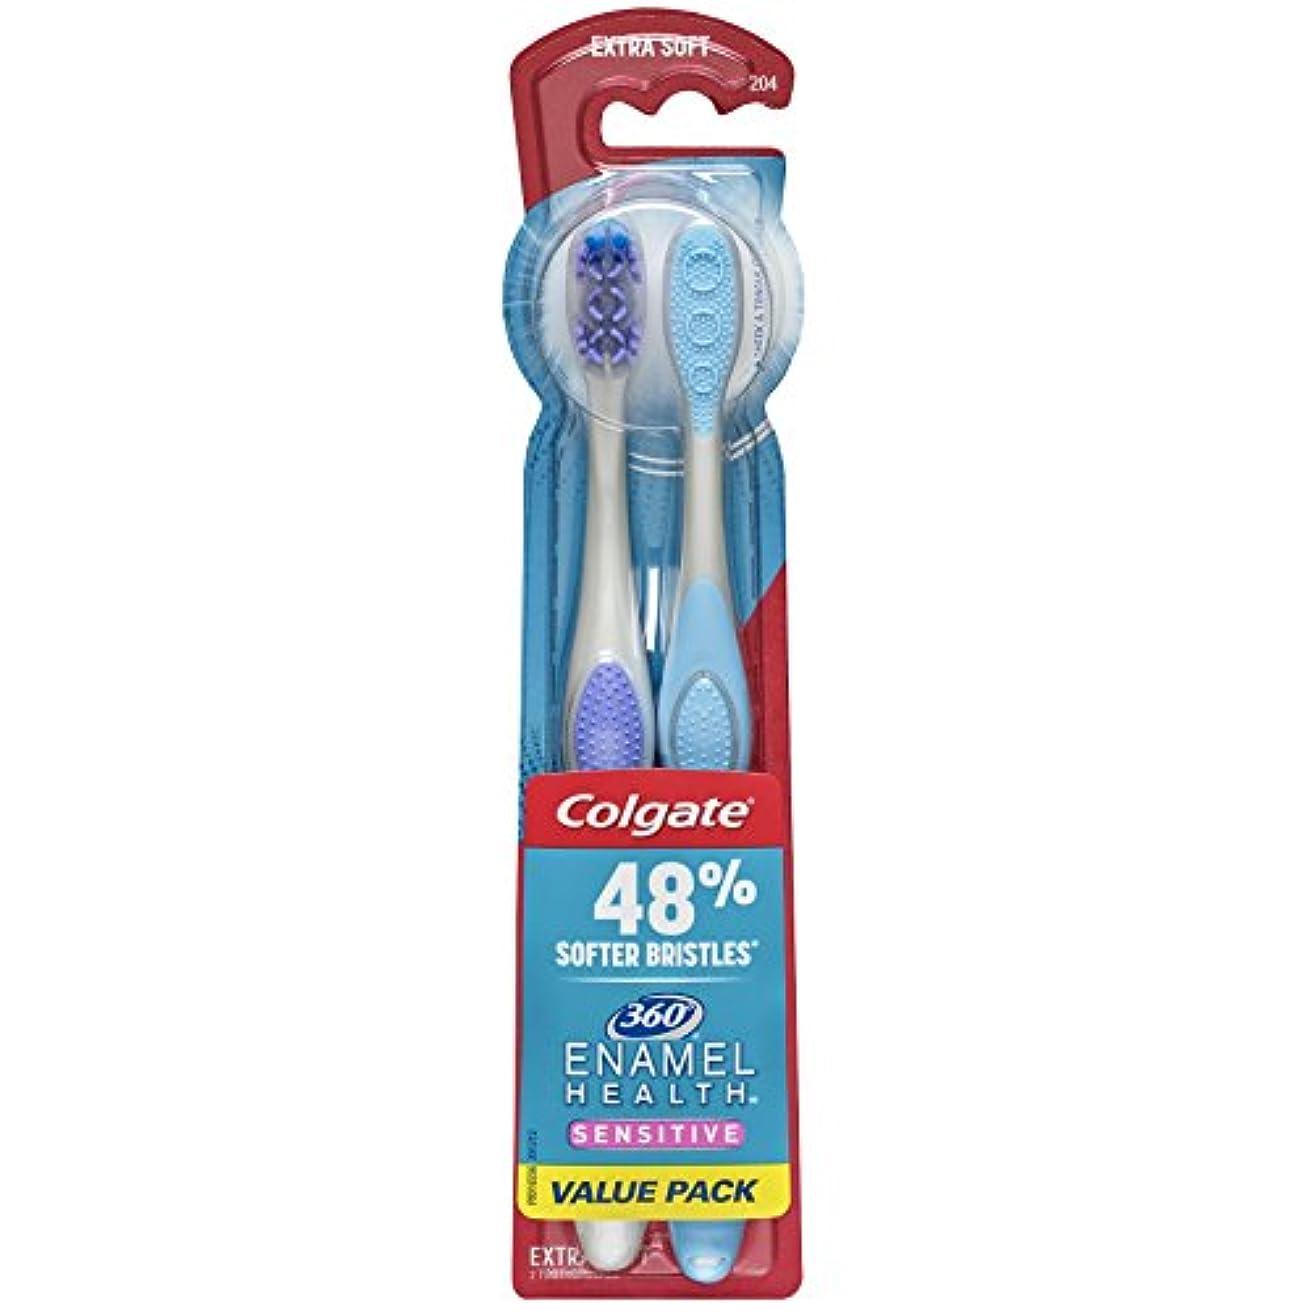 嘆く夏白内障Colgate エナメル健康に敏感な歯ブラシ、エクストラソフト、2カラット